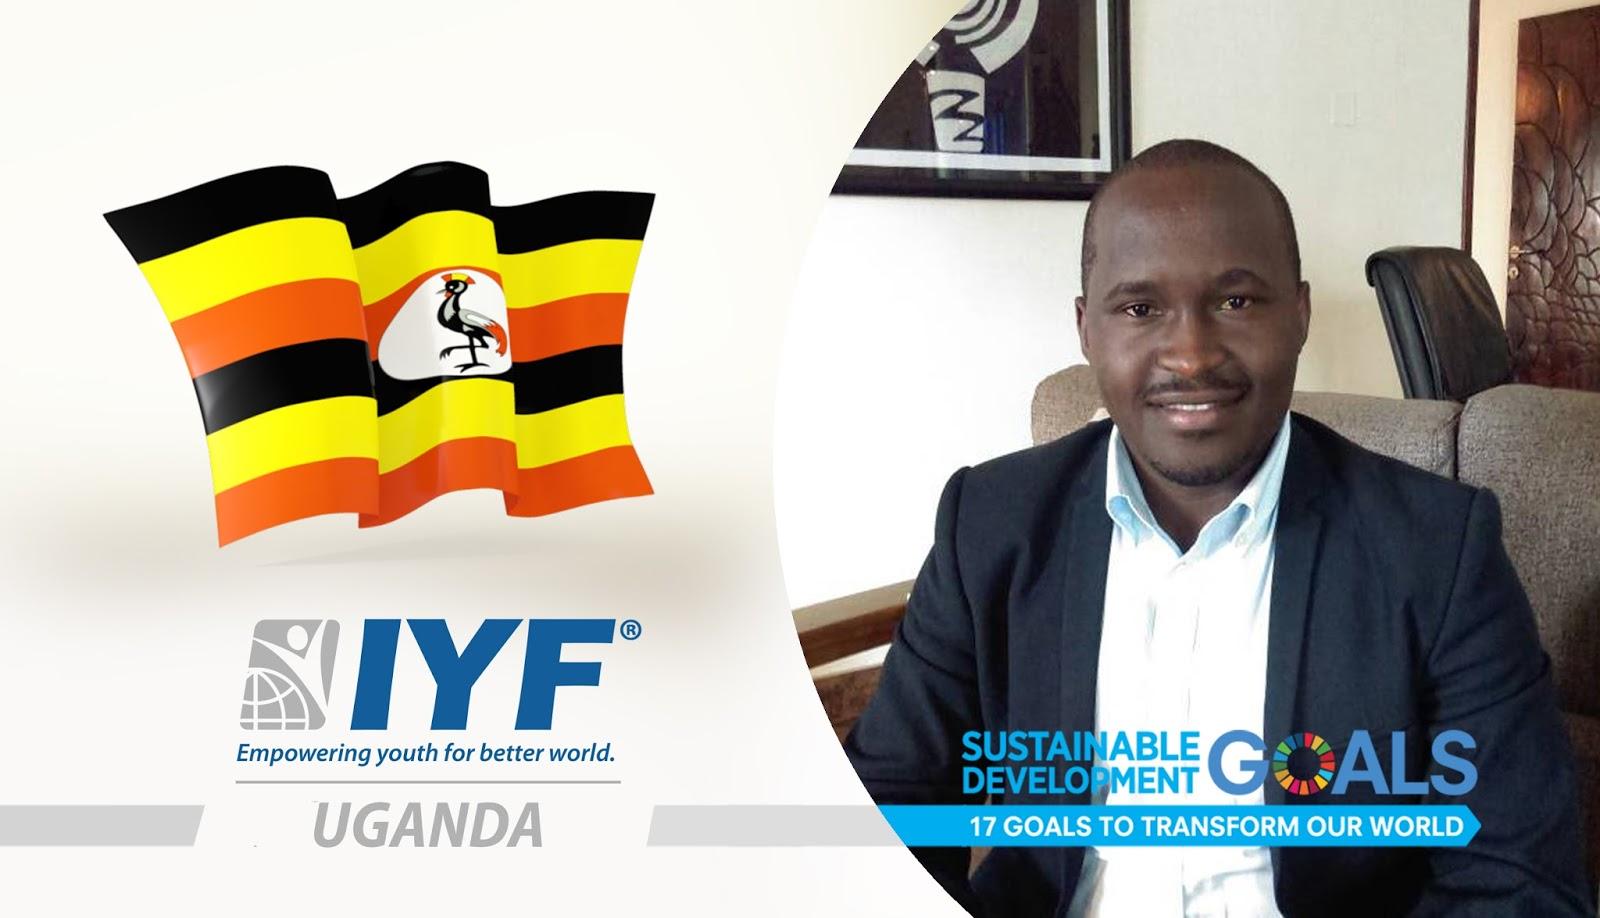 Peter Tenywa, IYF Representative in Uganda